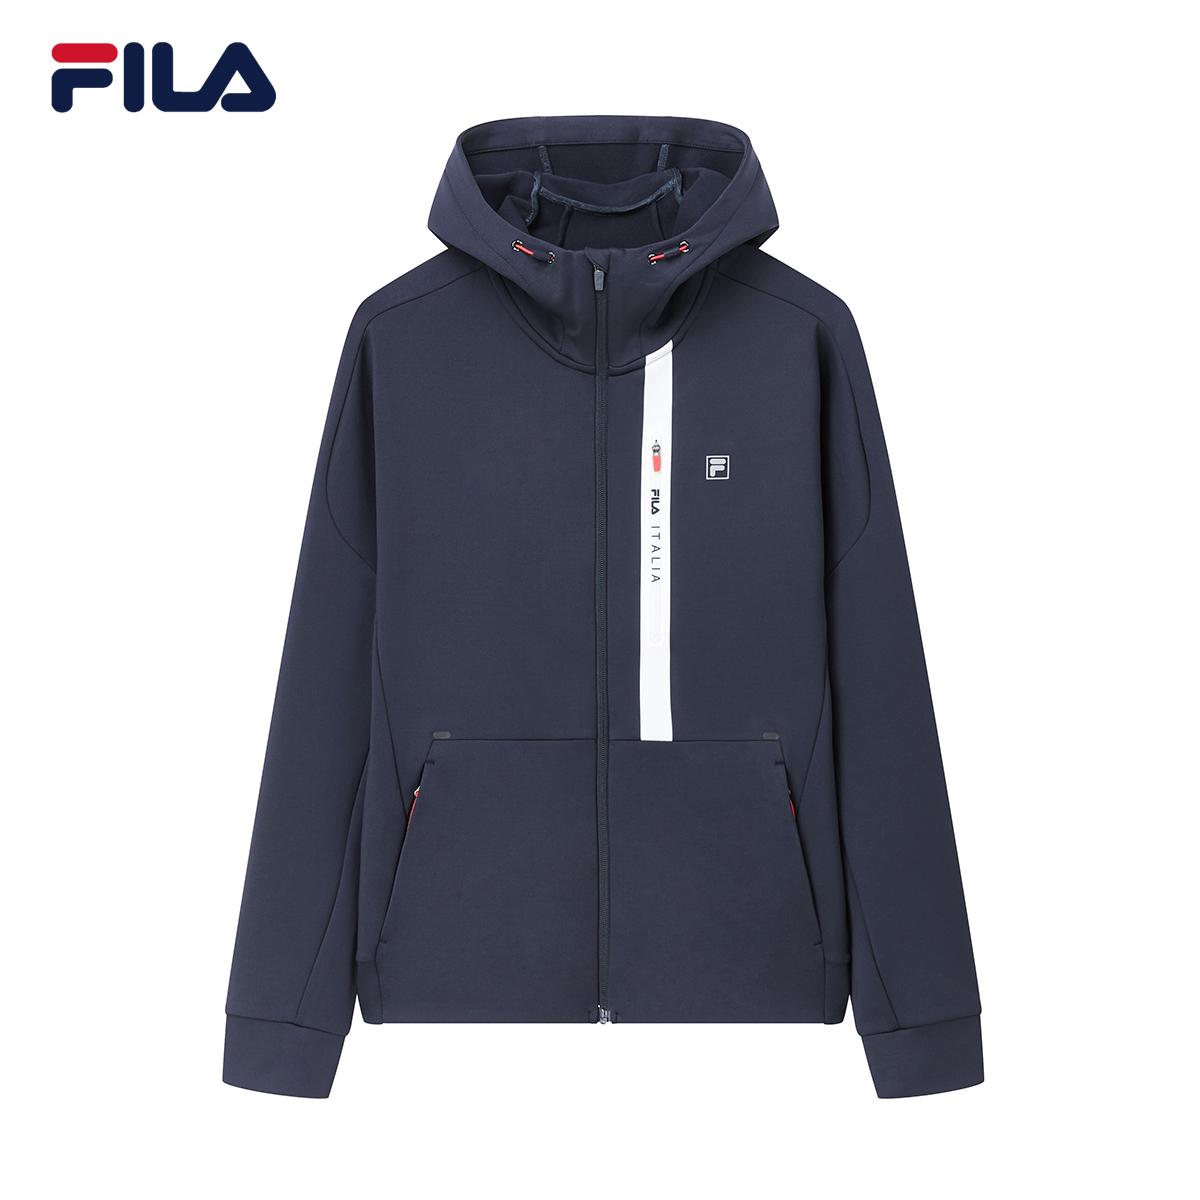 FILA斐乐外套男2018冬季新品针织连帽外套简约运动休闲开衫男上衣